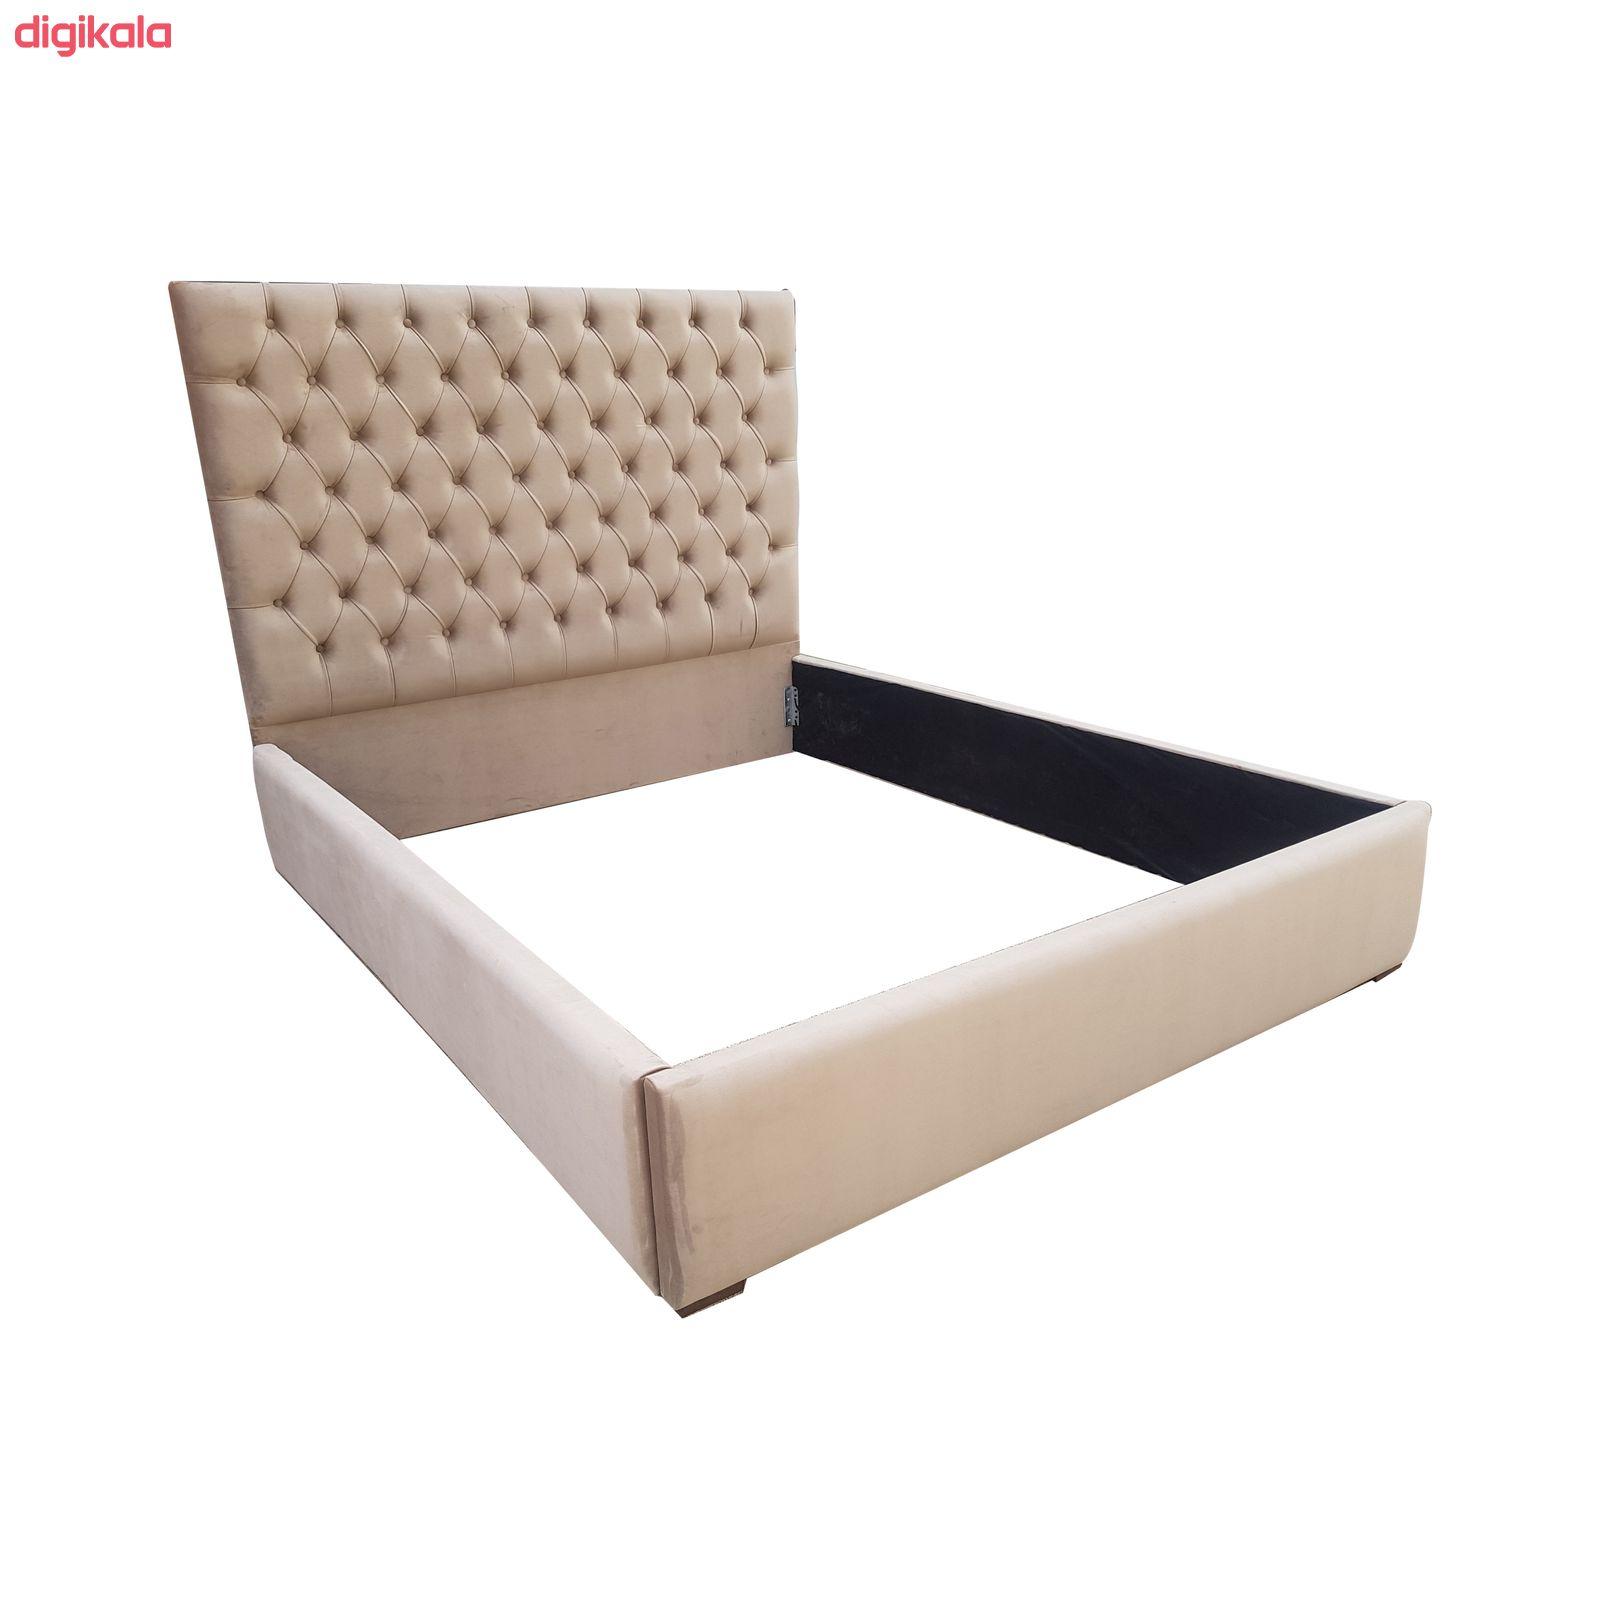 تخت خواب دونفره مدل میلان سایز 160×200 سانتی متر main 1 2